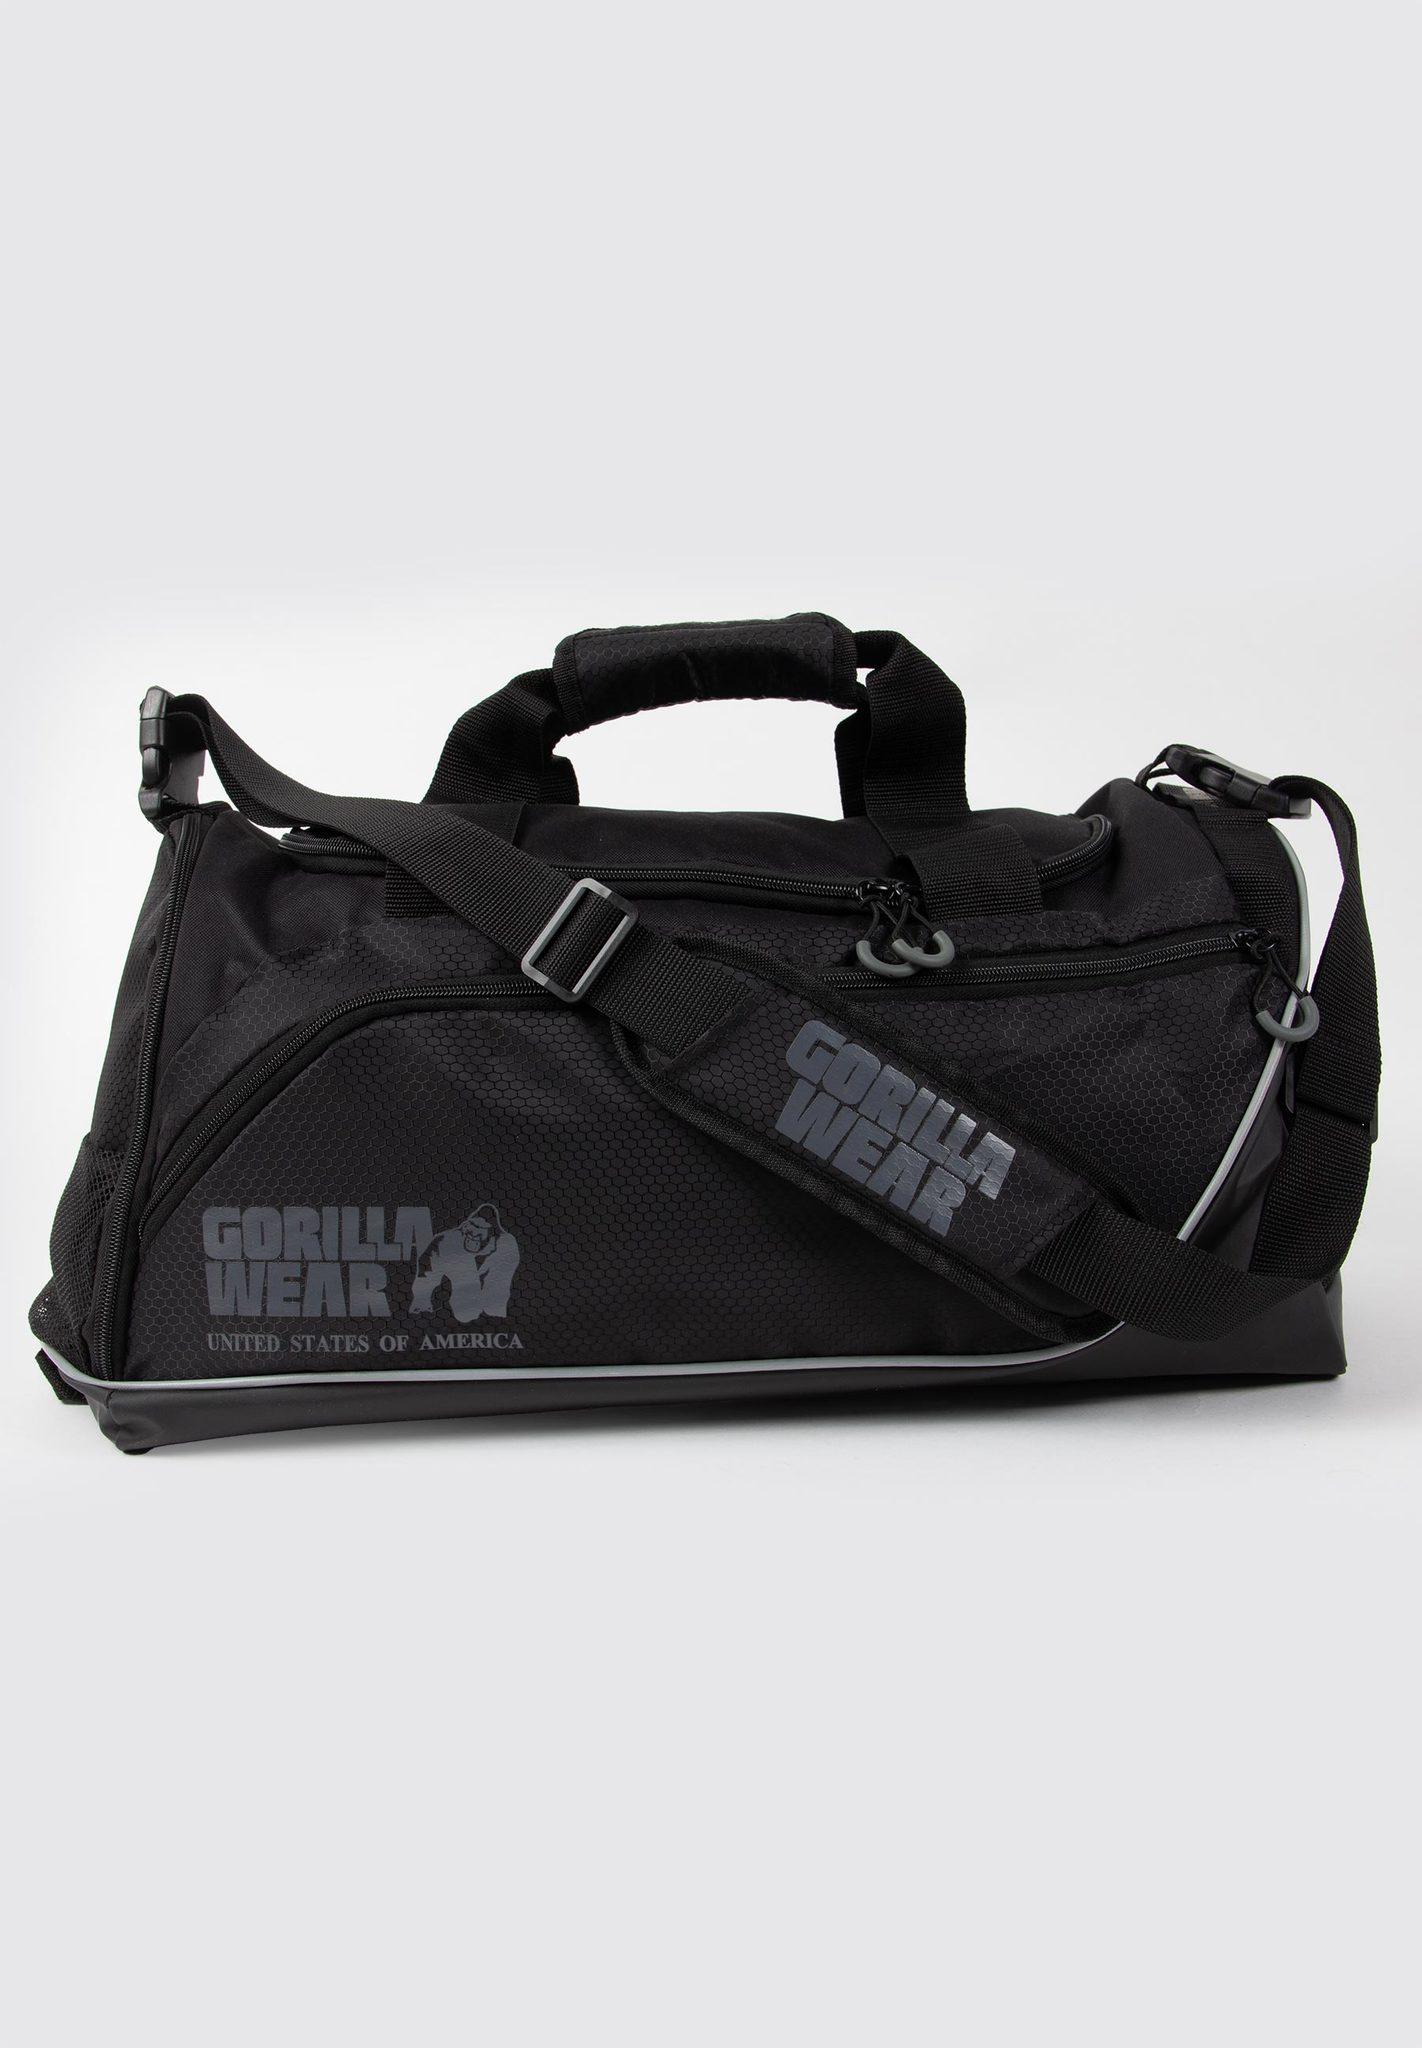 Спортивная сумка Gorilla wear Jerome 2.0 black